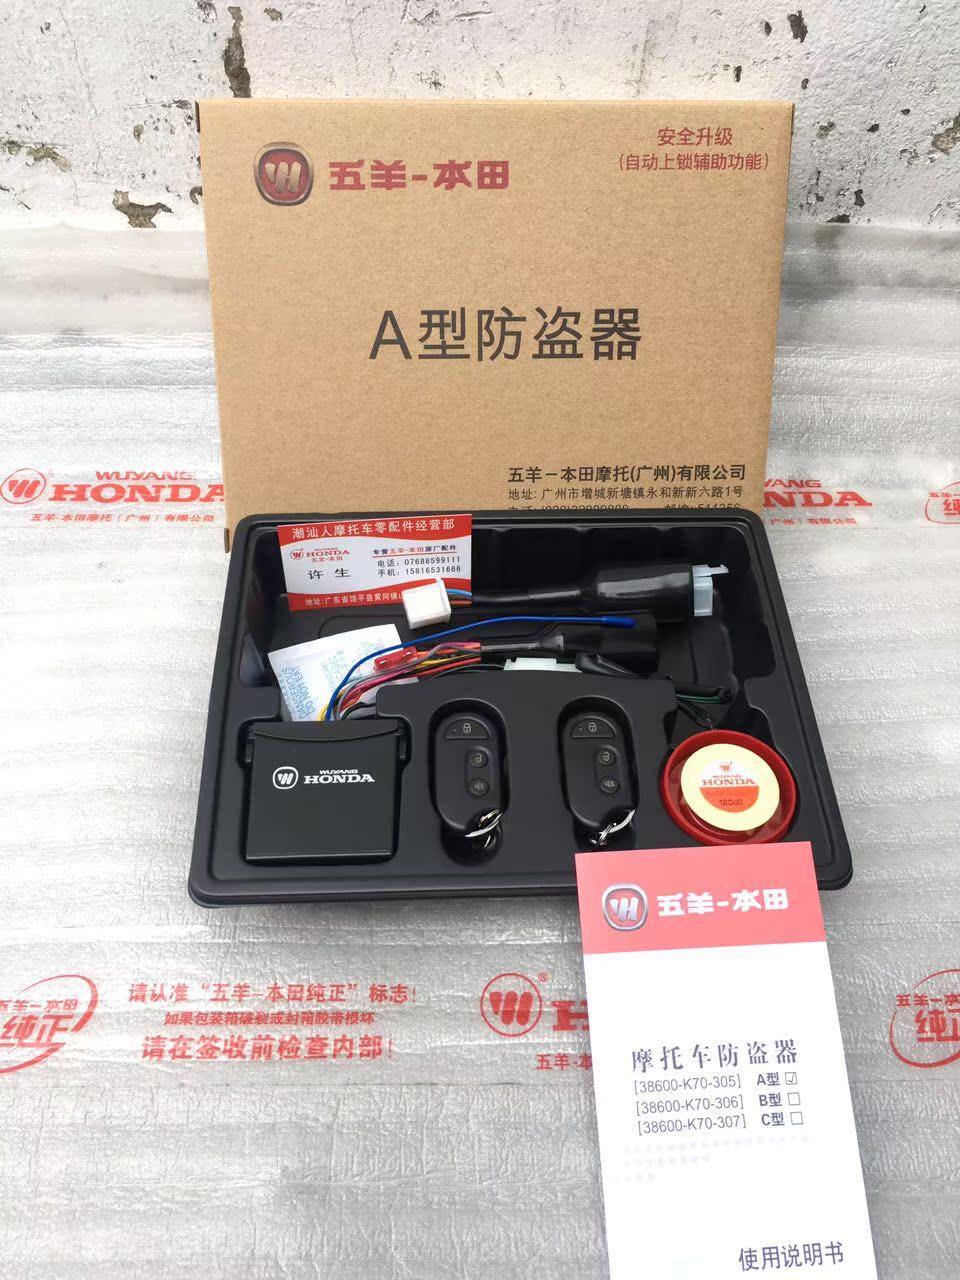 Il nuovo Continente Honda CBF190RSDH175-6 Honda occhio della tempesta il montaggio di un dispositivo antifurto.